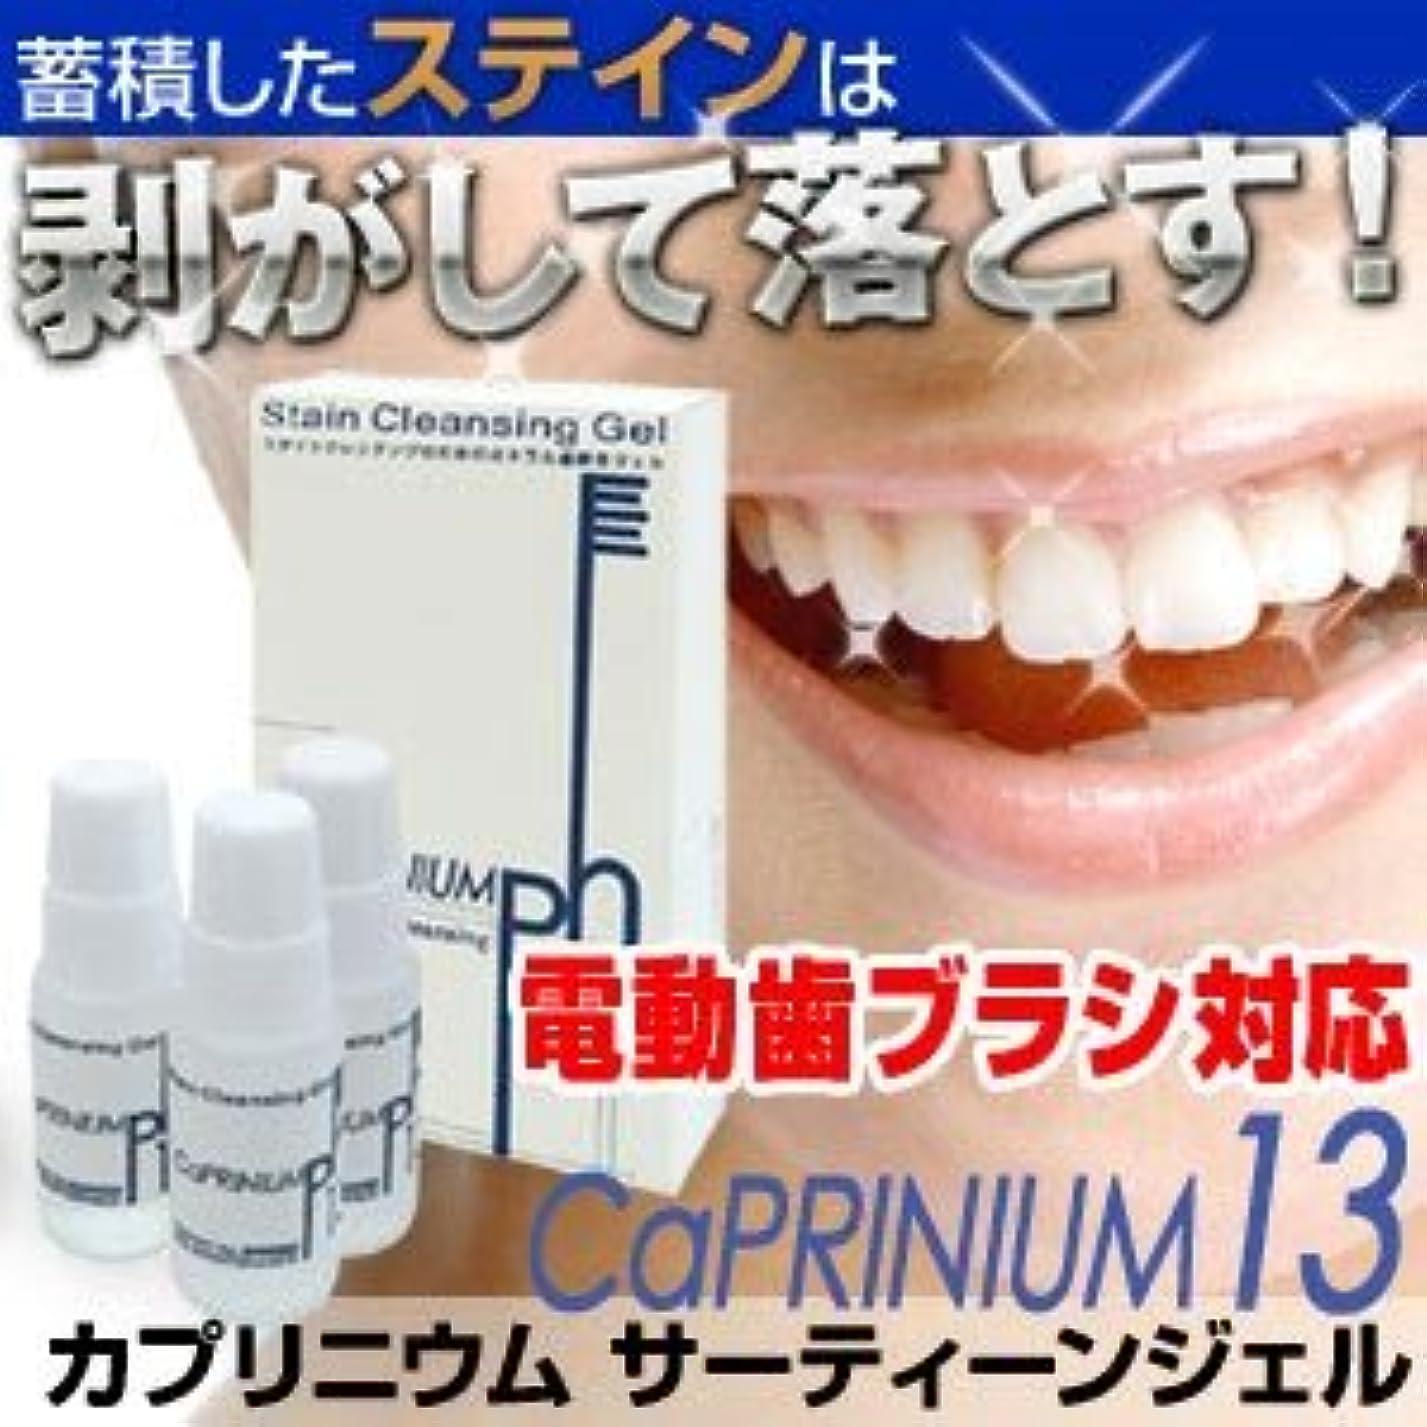 十億リビングルーム縫うカプリニウム サーティーンジェル(CaPRINIUM 13) 新発想のホワイトニング歯磨きジェル